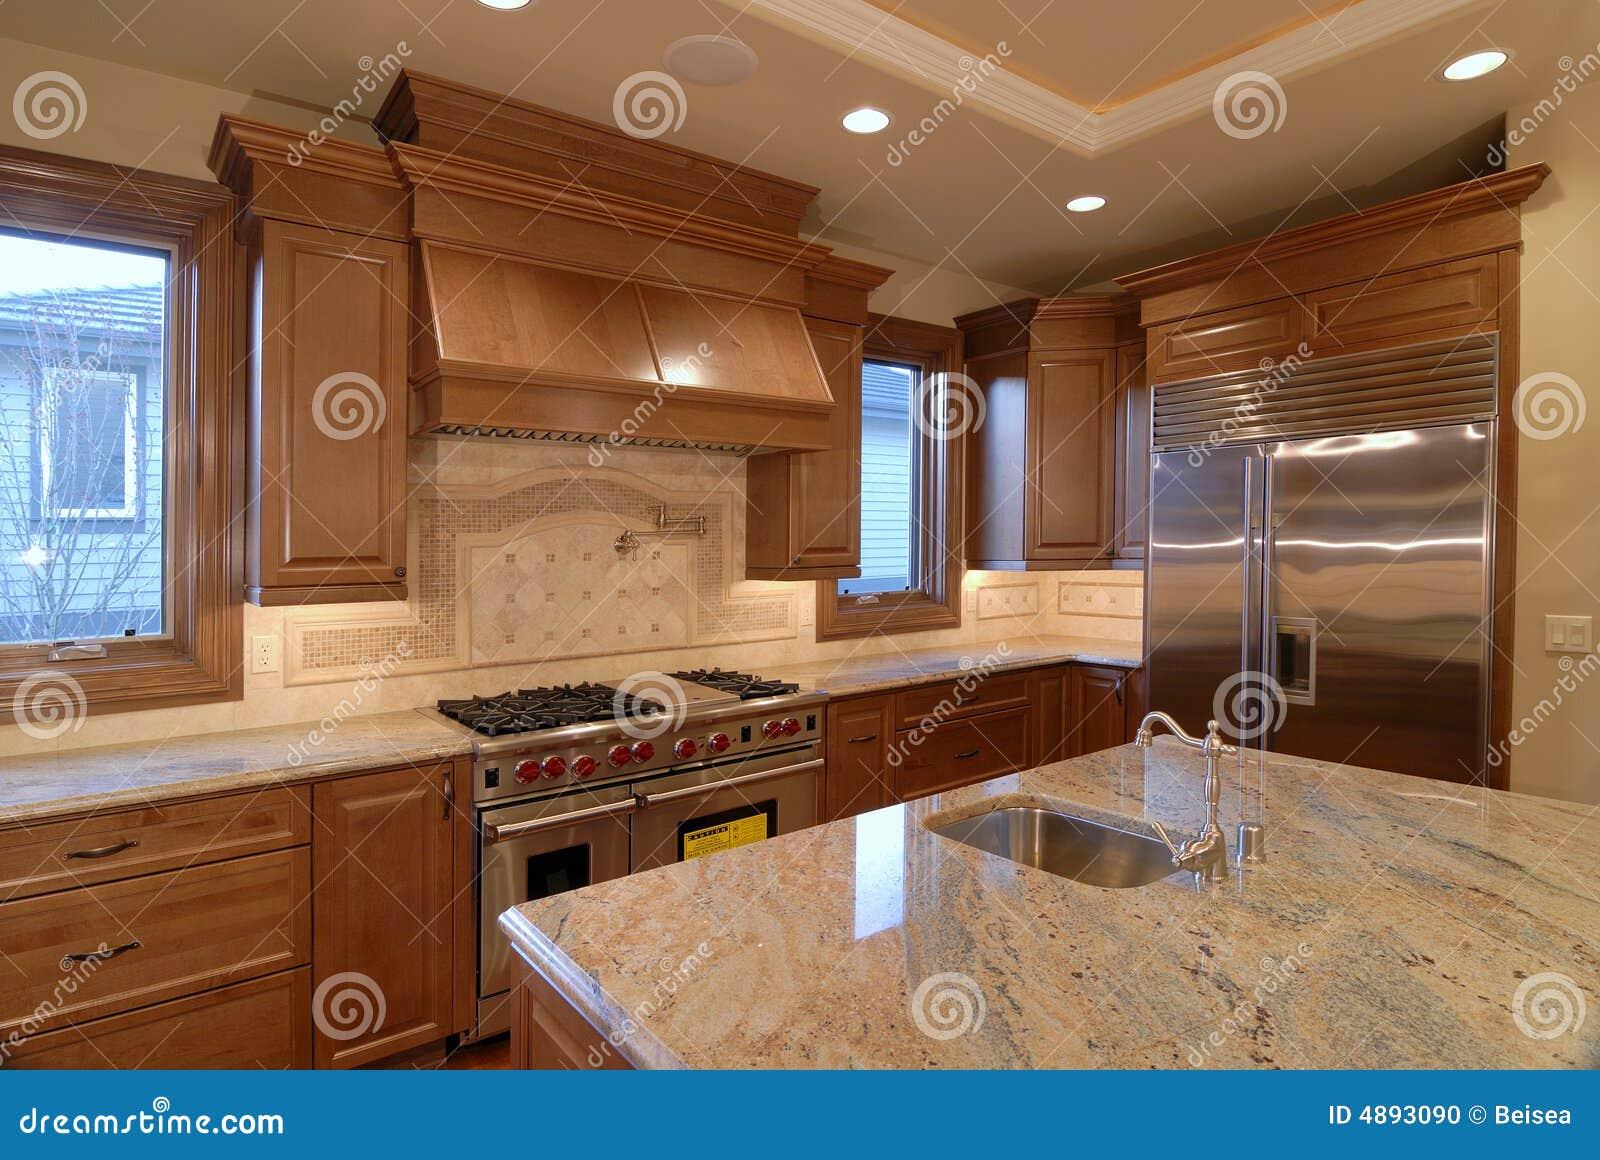 dessus de cuisine de granit contre photo stock image du grand po le 4893090. Black Bedroom Furniture Sets. Home Design Ideas